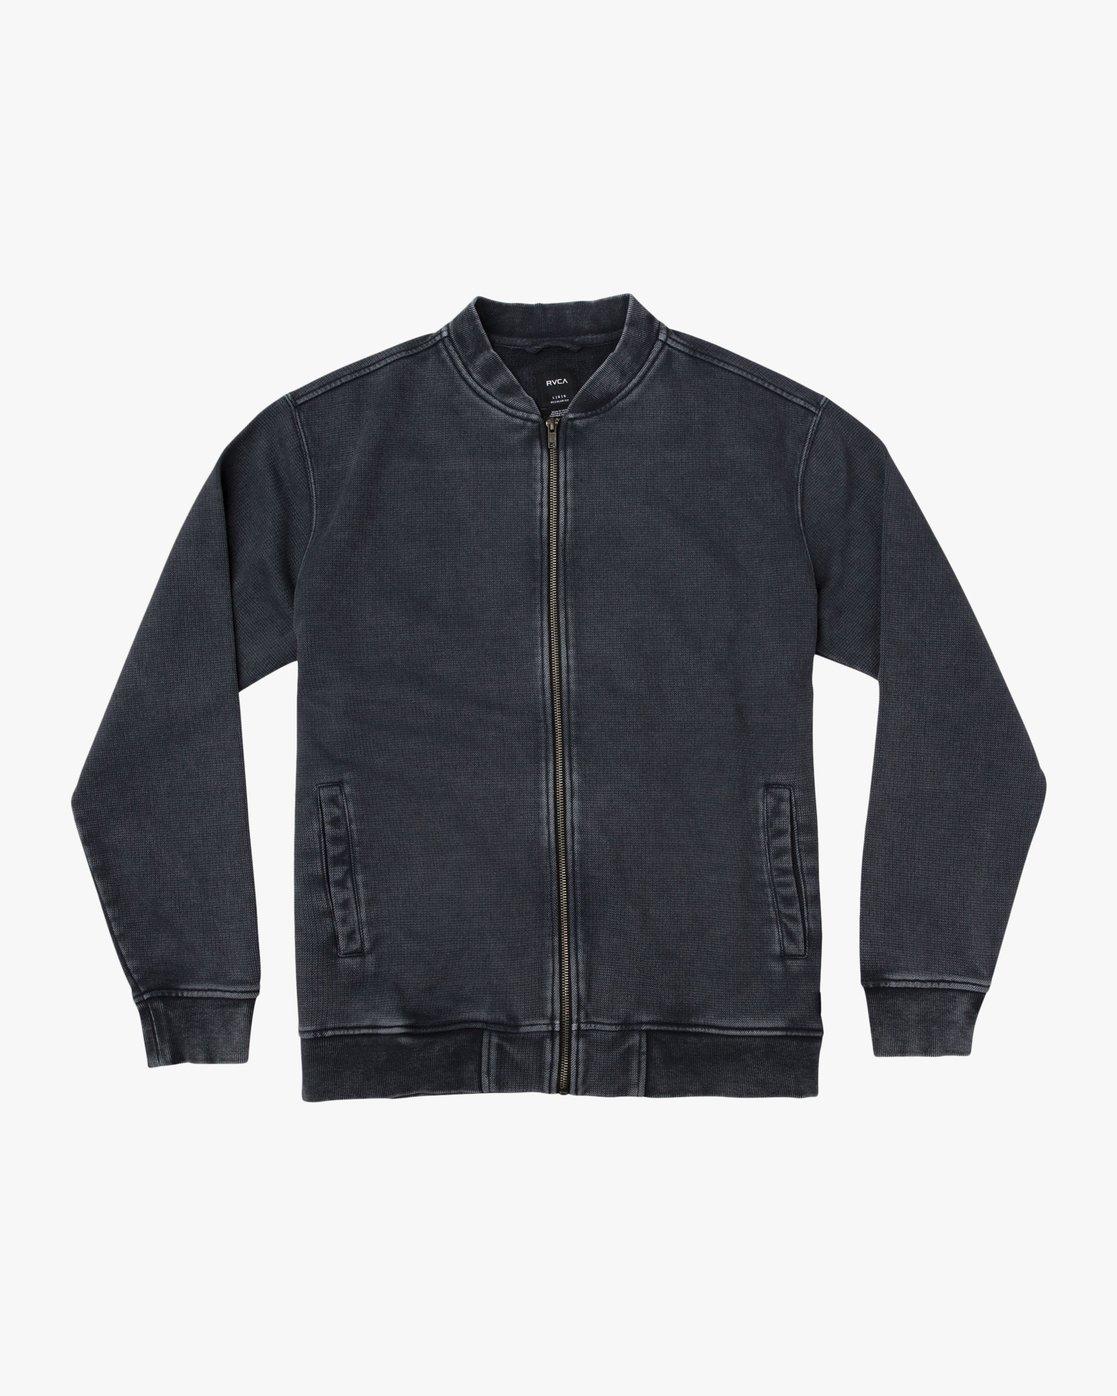 0 Ellsworth Knit Bomber Jacket Black M623TREL RVCA